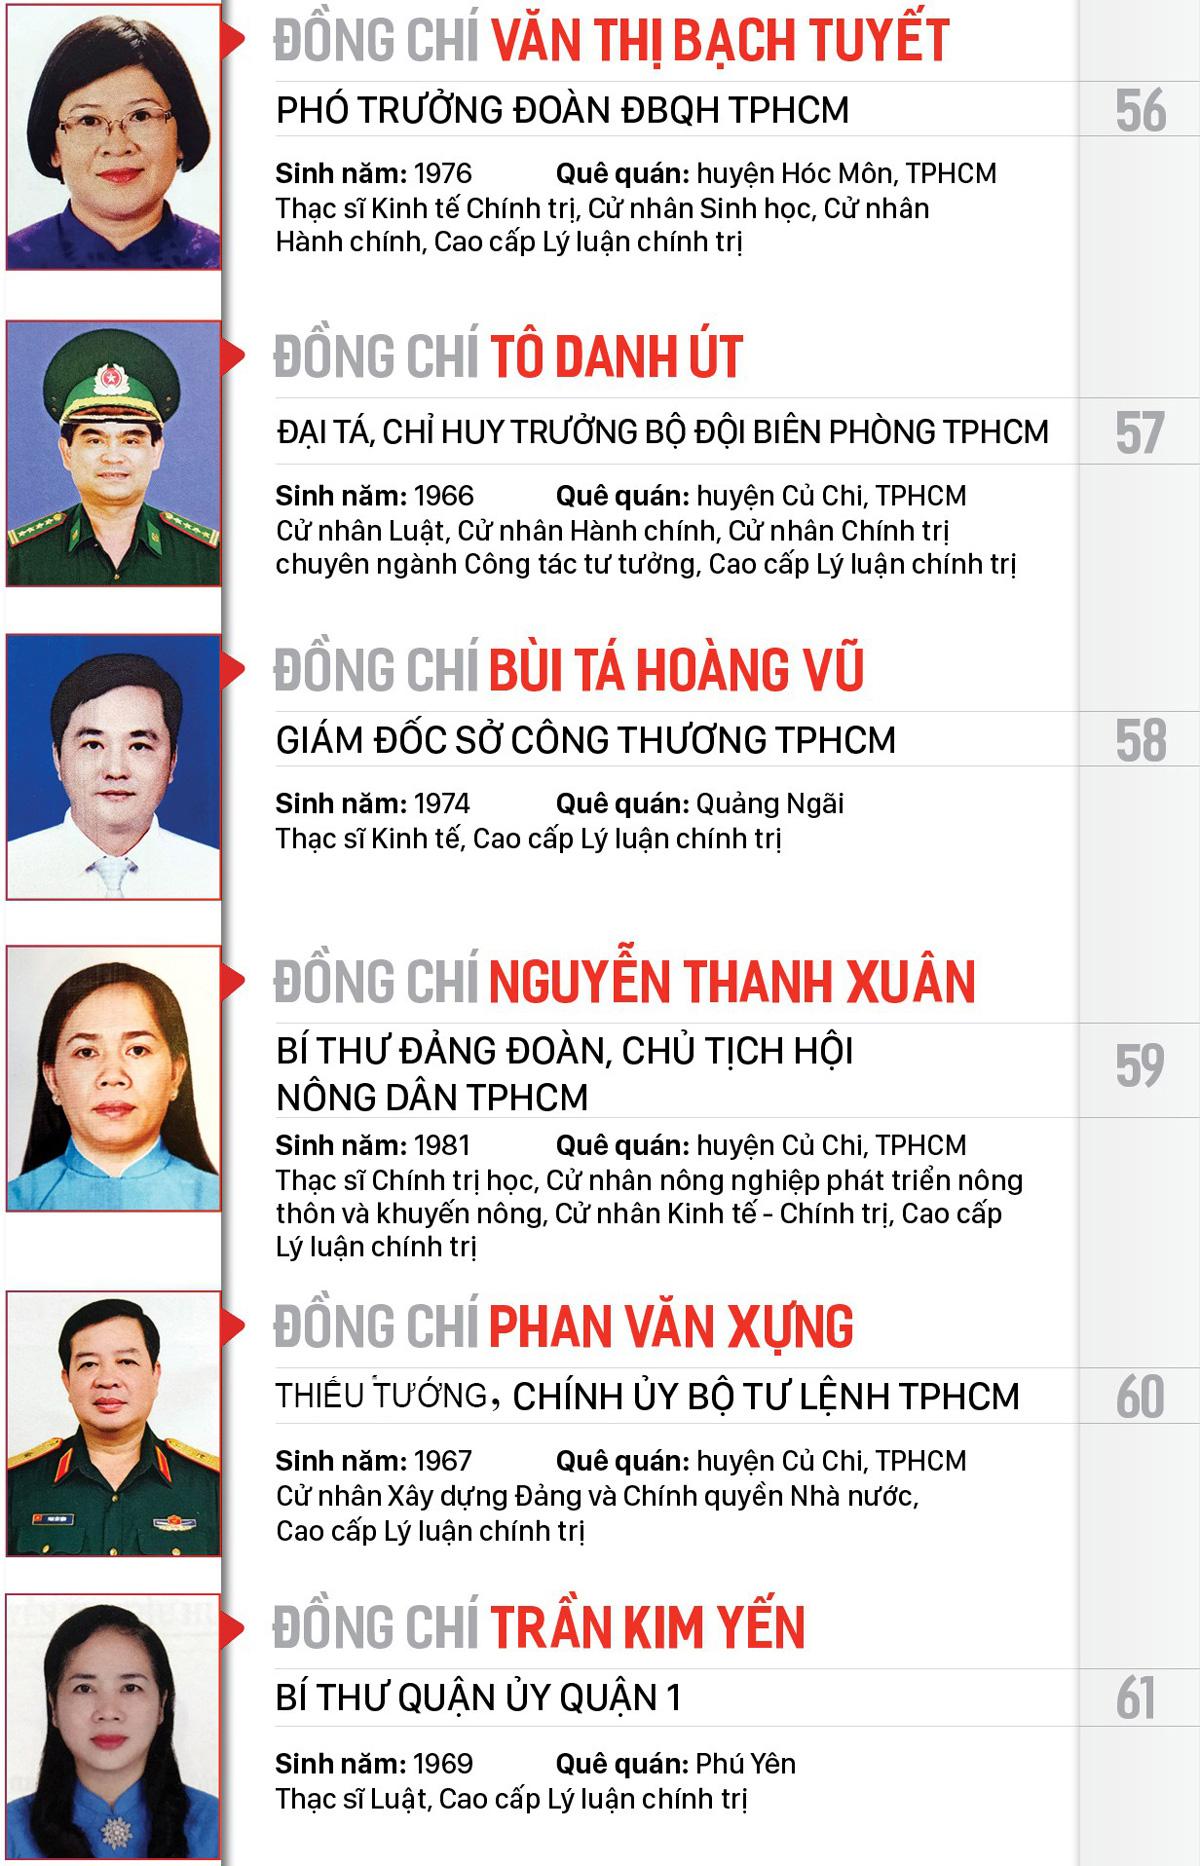 Công bố danh sách Ban Chấp hành Đảng bộ TPHCM khóa XI, nhiệm kỳ 2020-2025 ảnh 7